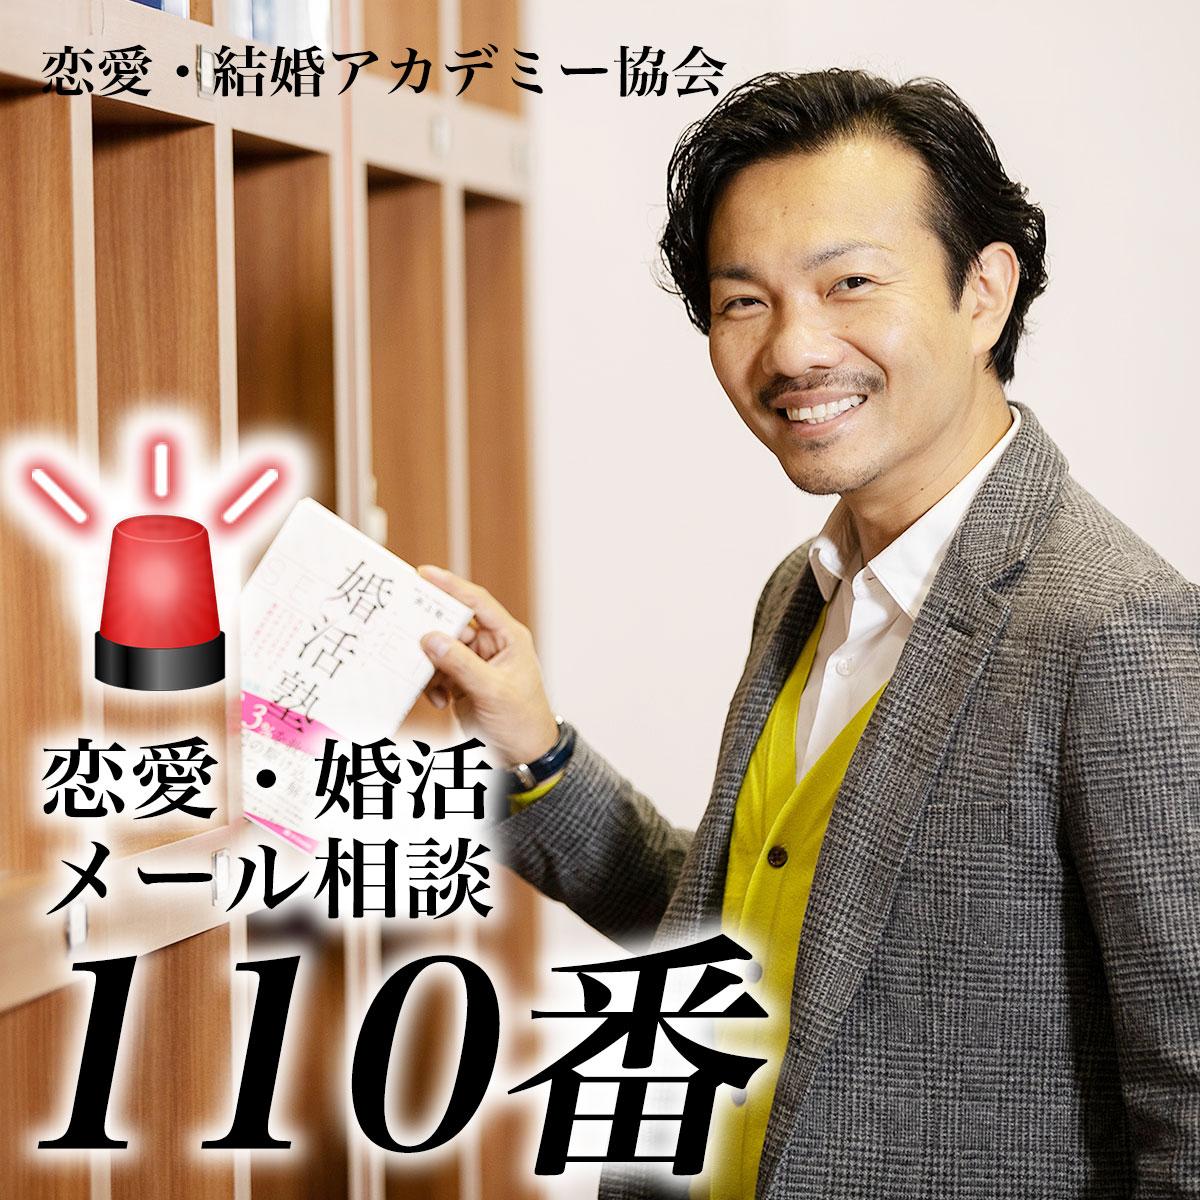 井上敬一の恋愛婚活メール相談110番